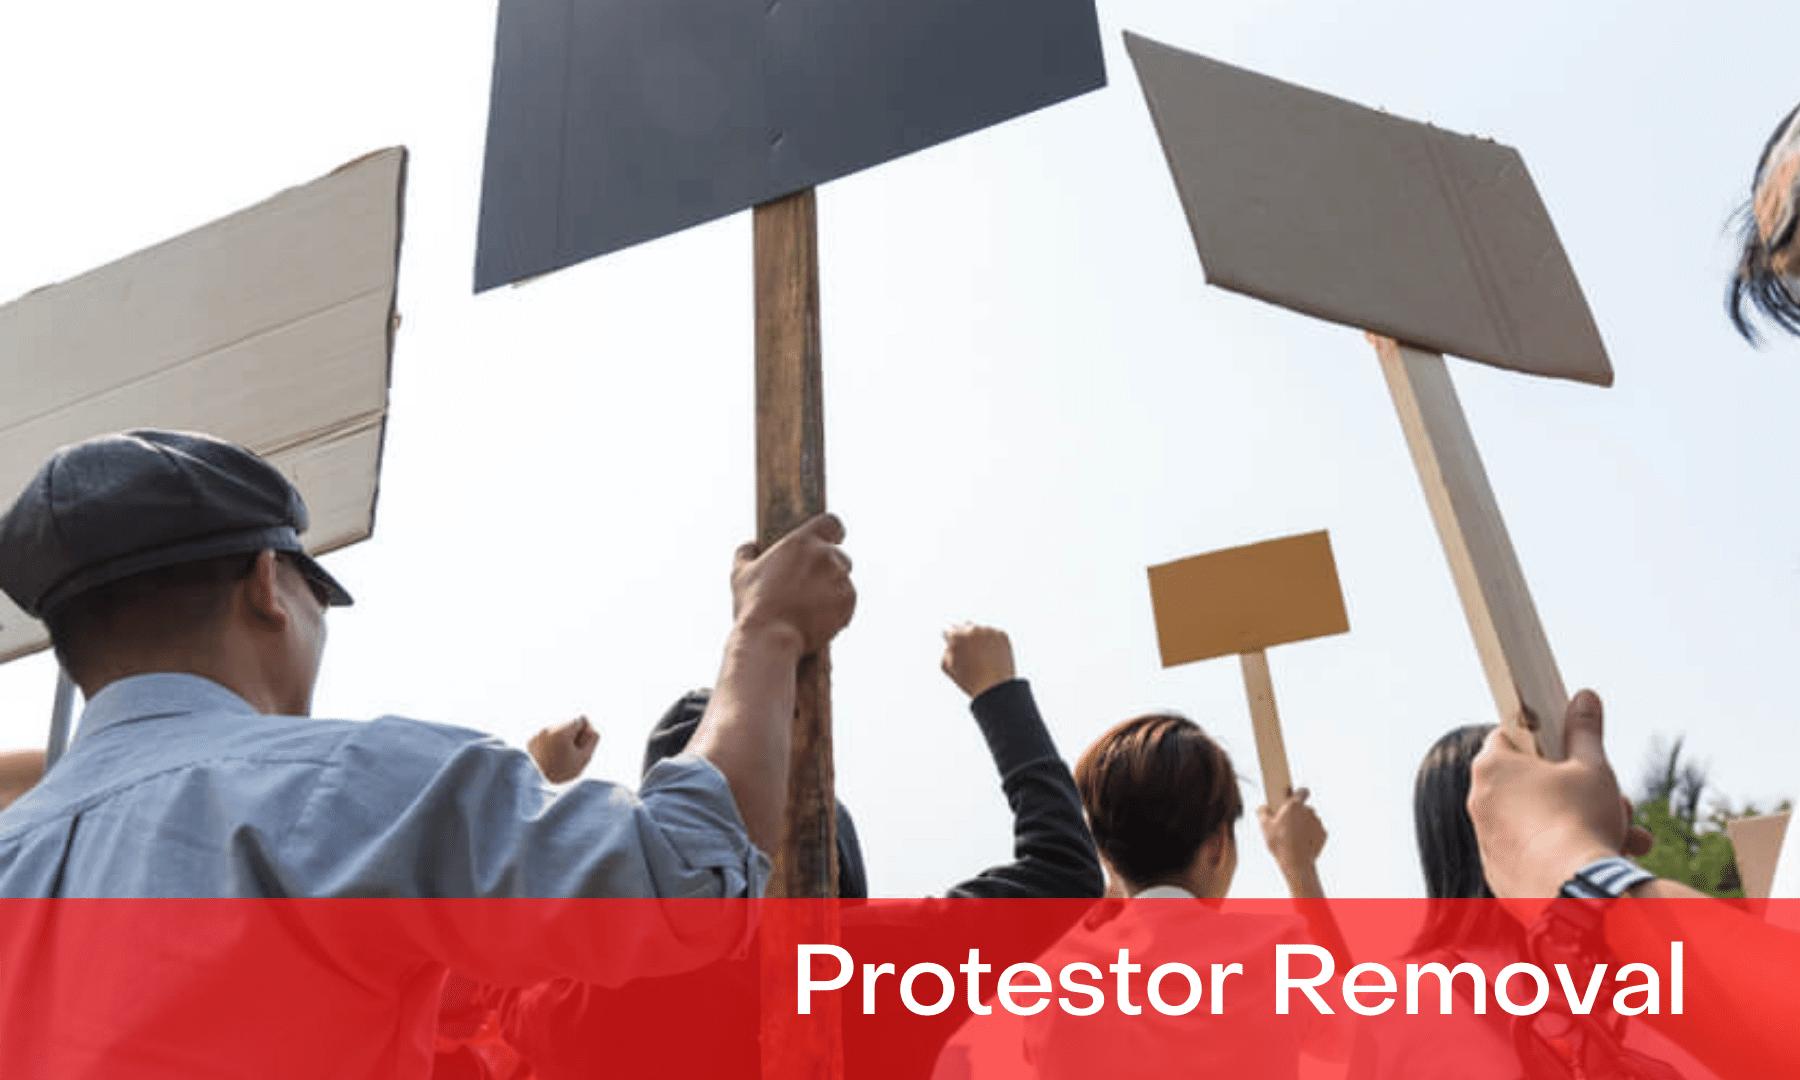 protestor removal